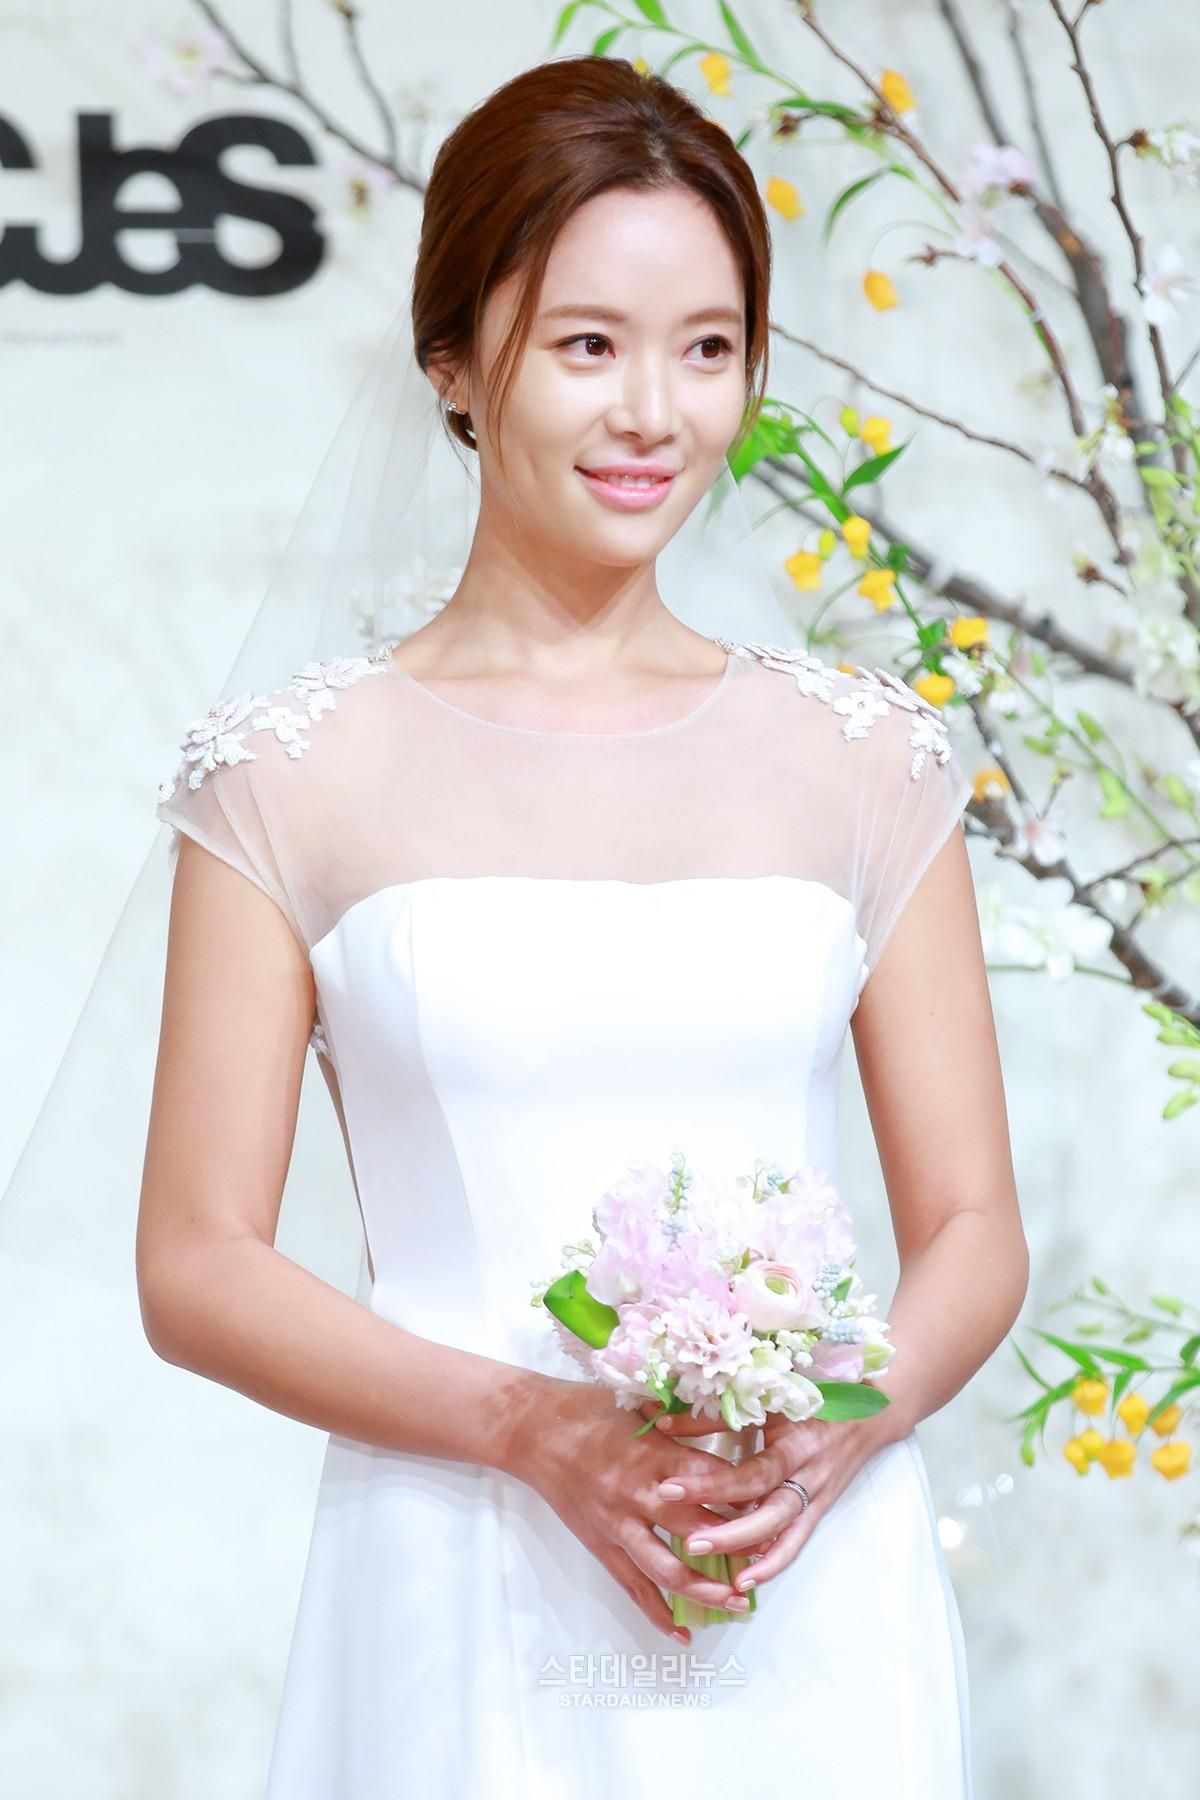 [S포토+] 황정음, '수줍은 미소' (황정음 결혼식)